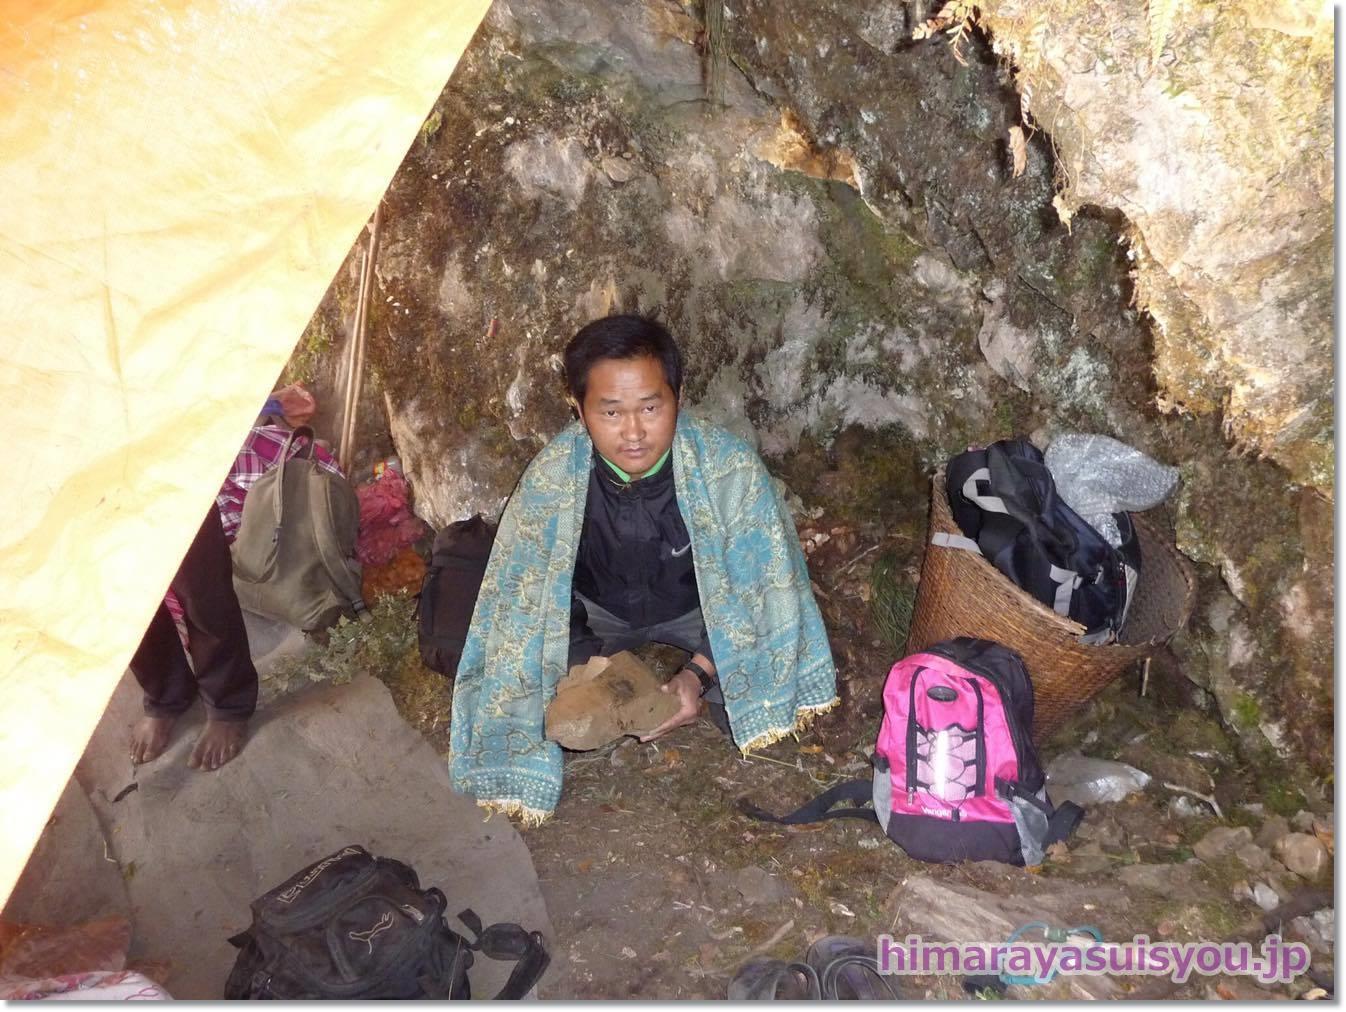 テントの中でヒマラヤ水晶を持っている写真